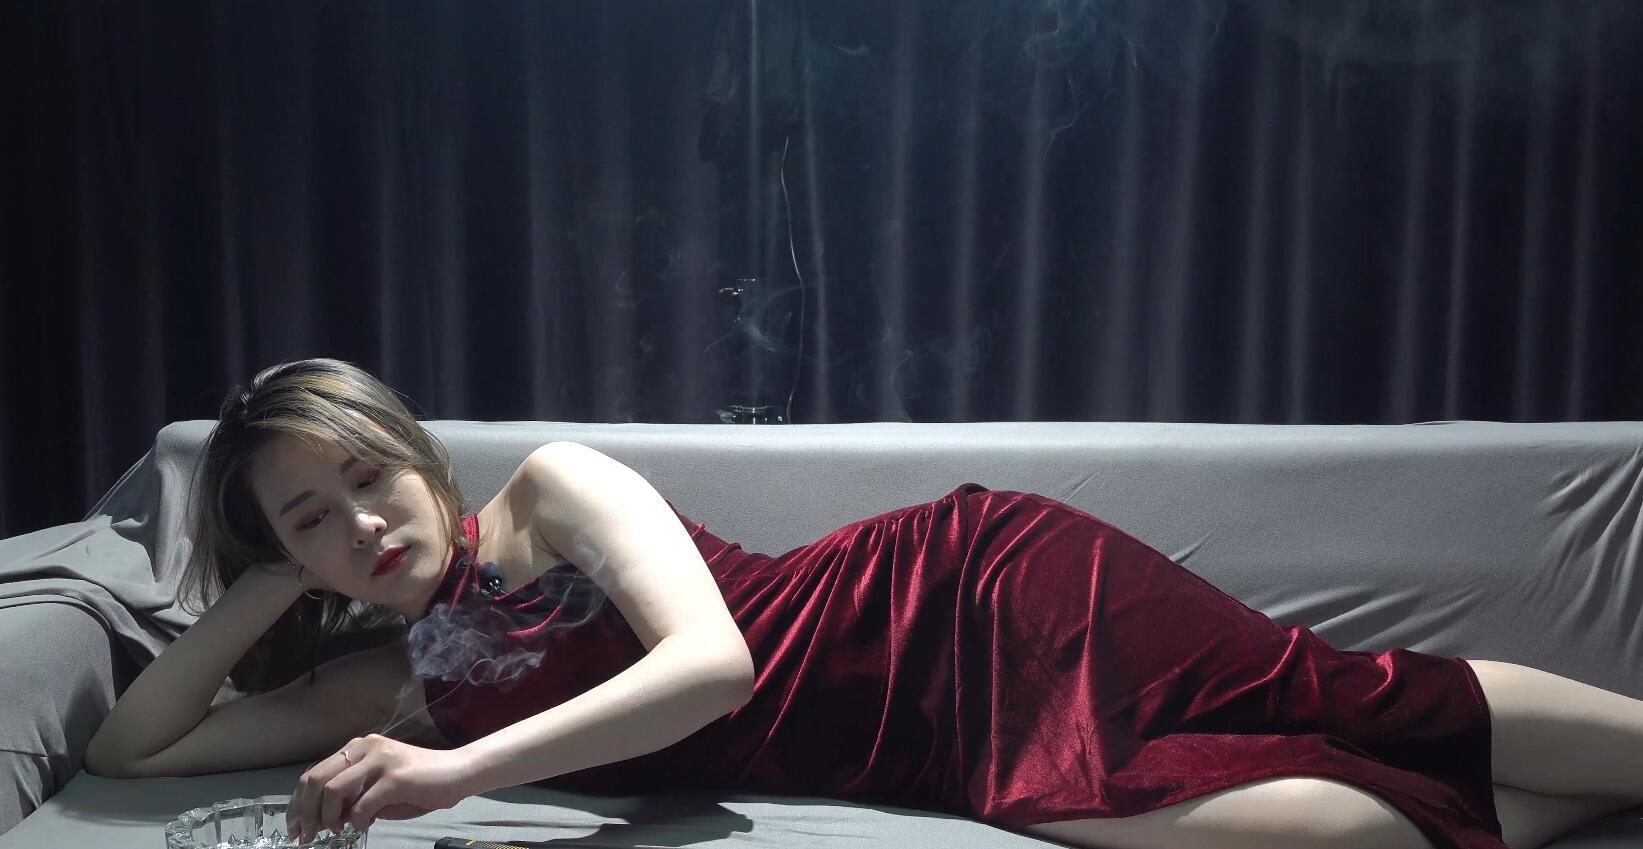 美女抽烟抽到吐